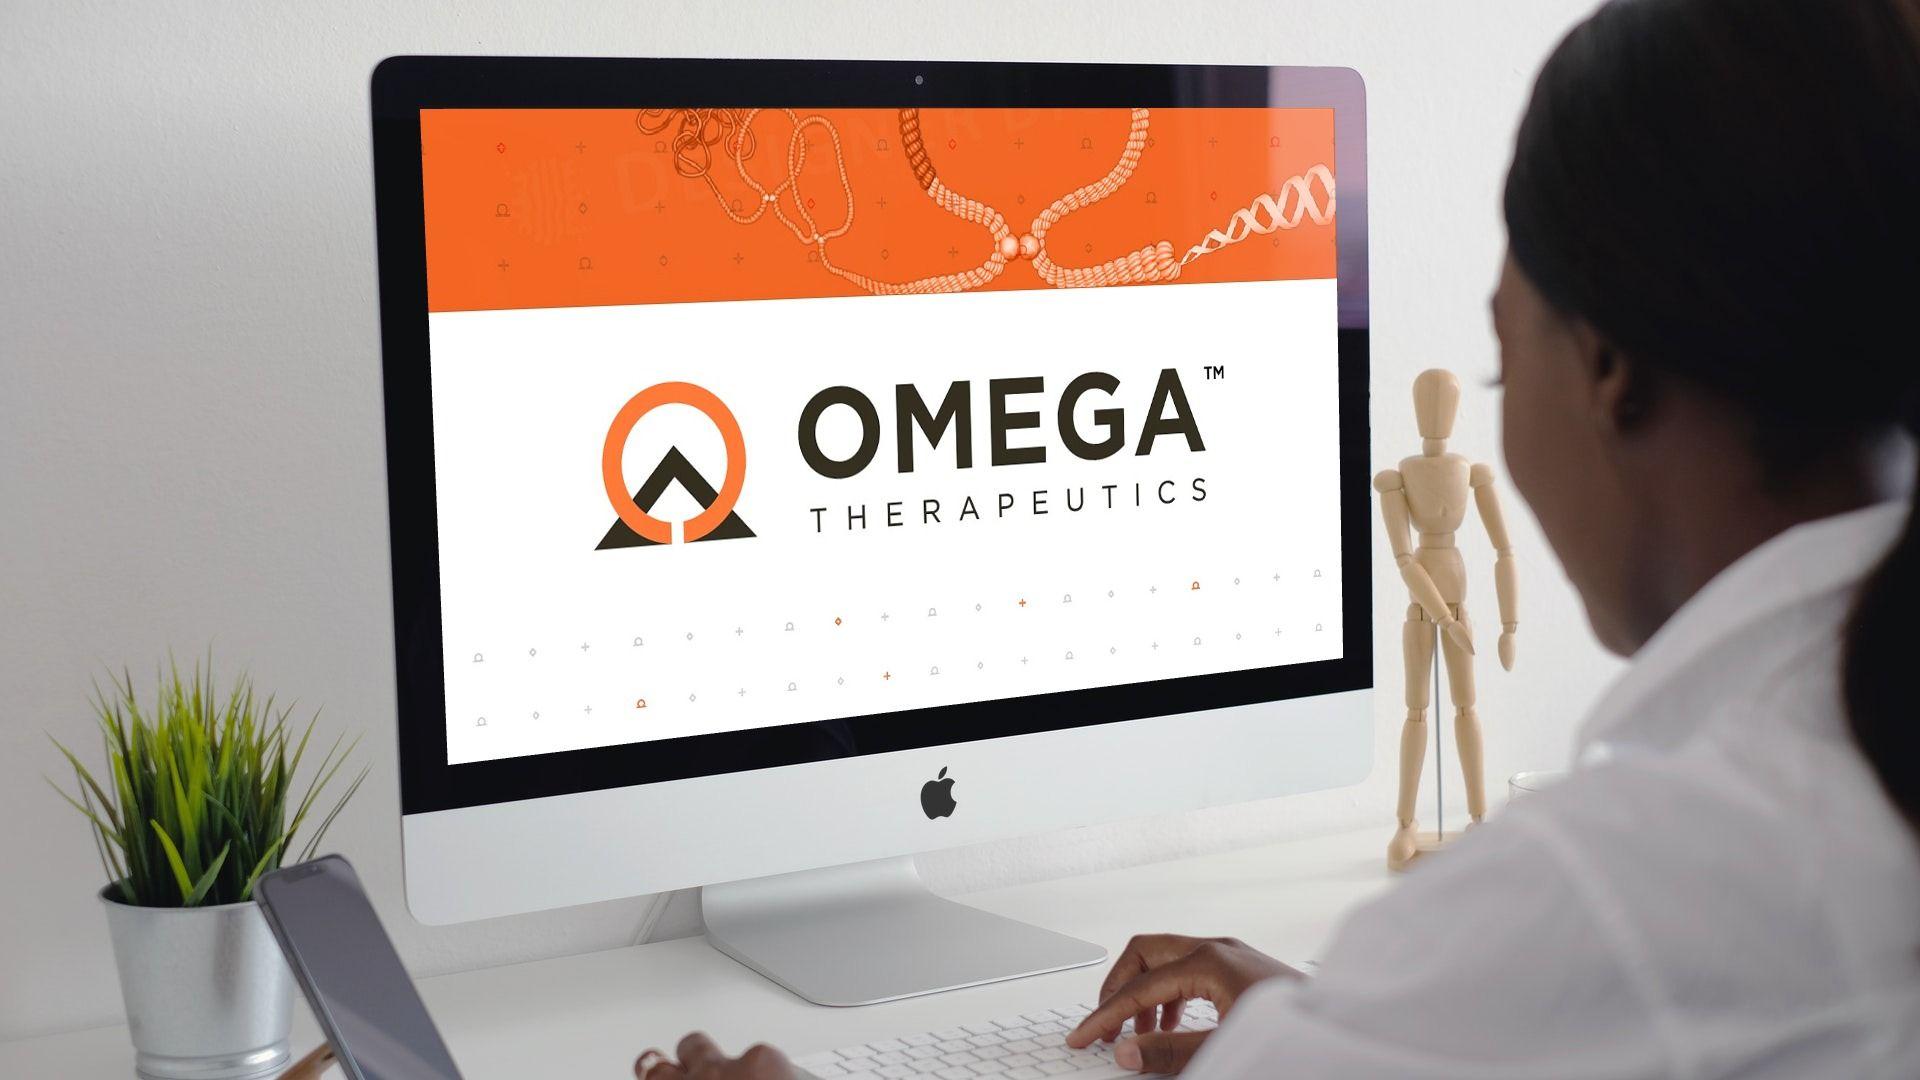 Omega Therapeutics Initial Public Offering